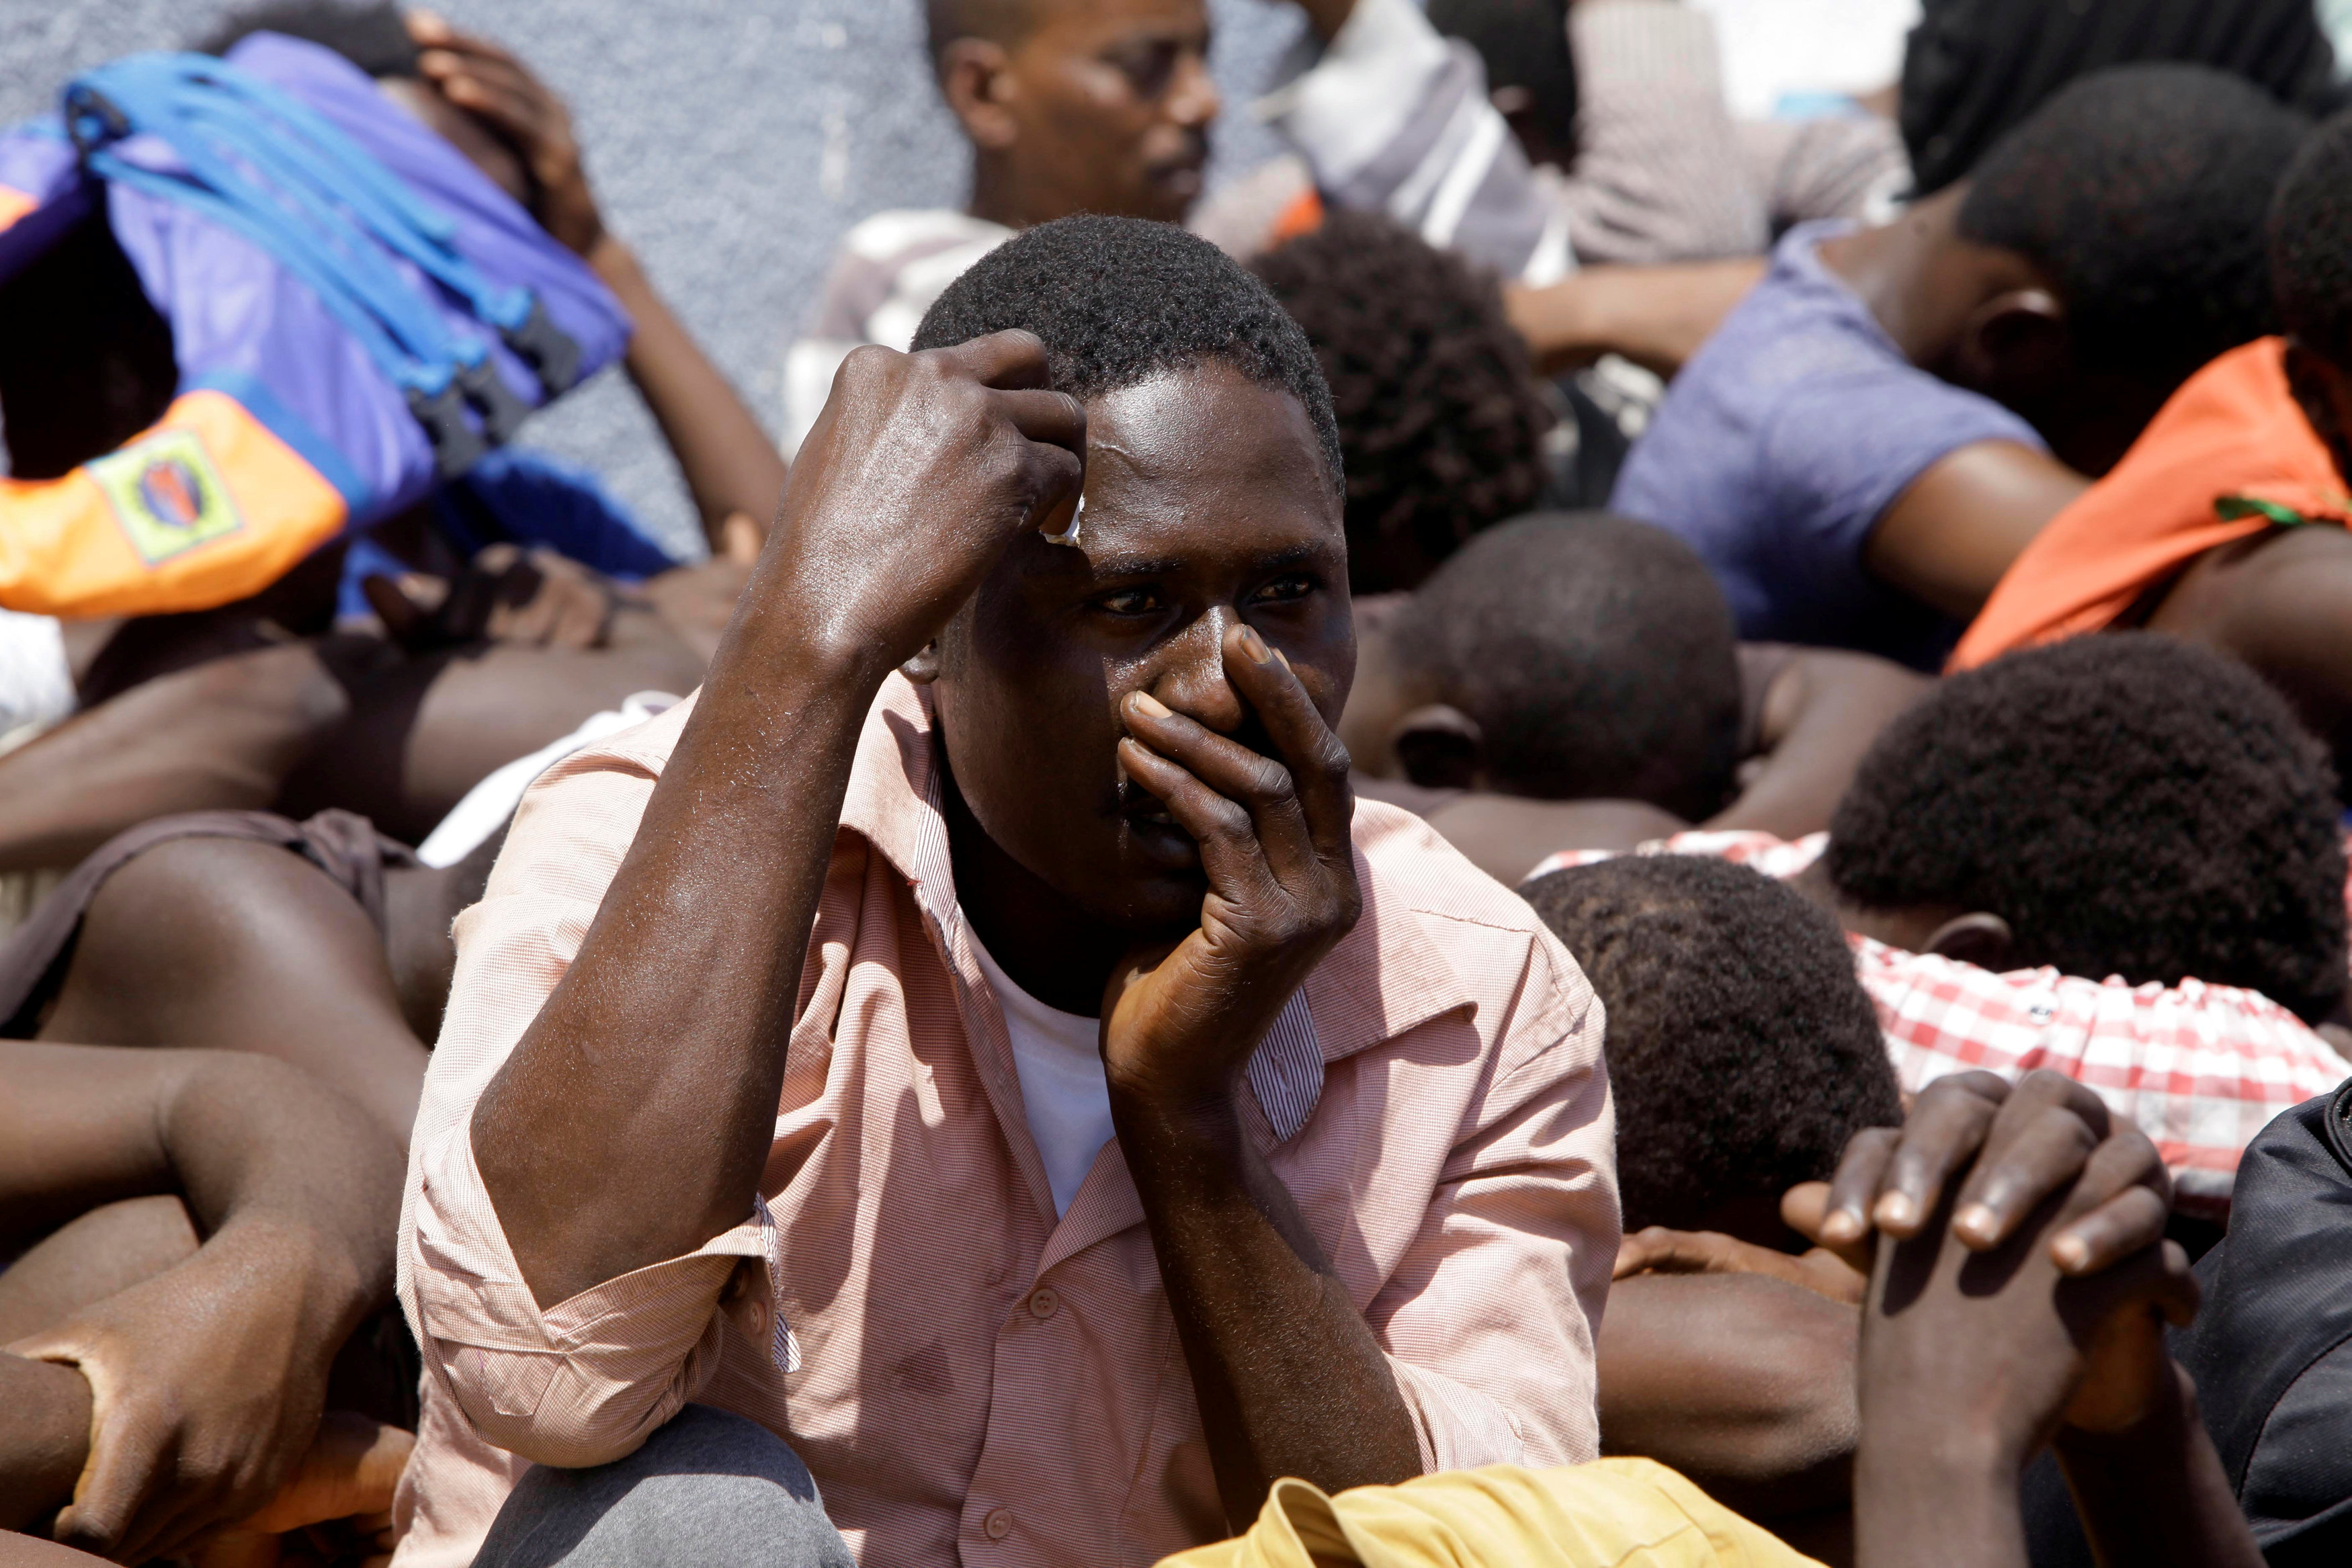 الهجرة غير الشرعية - صور أرشيفية